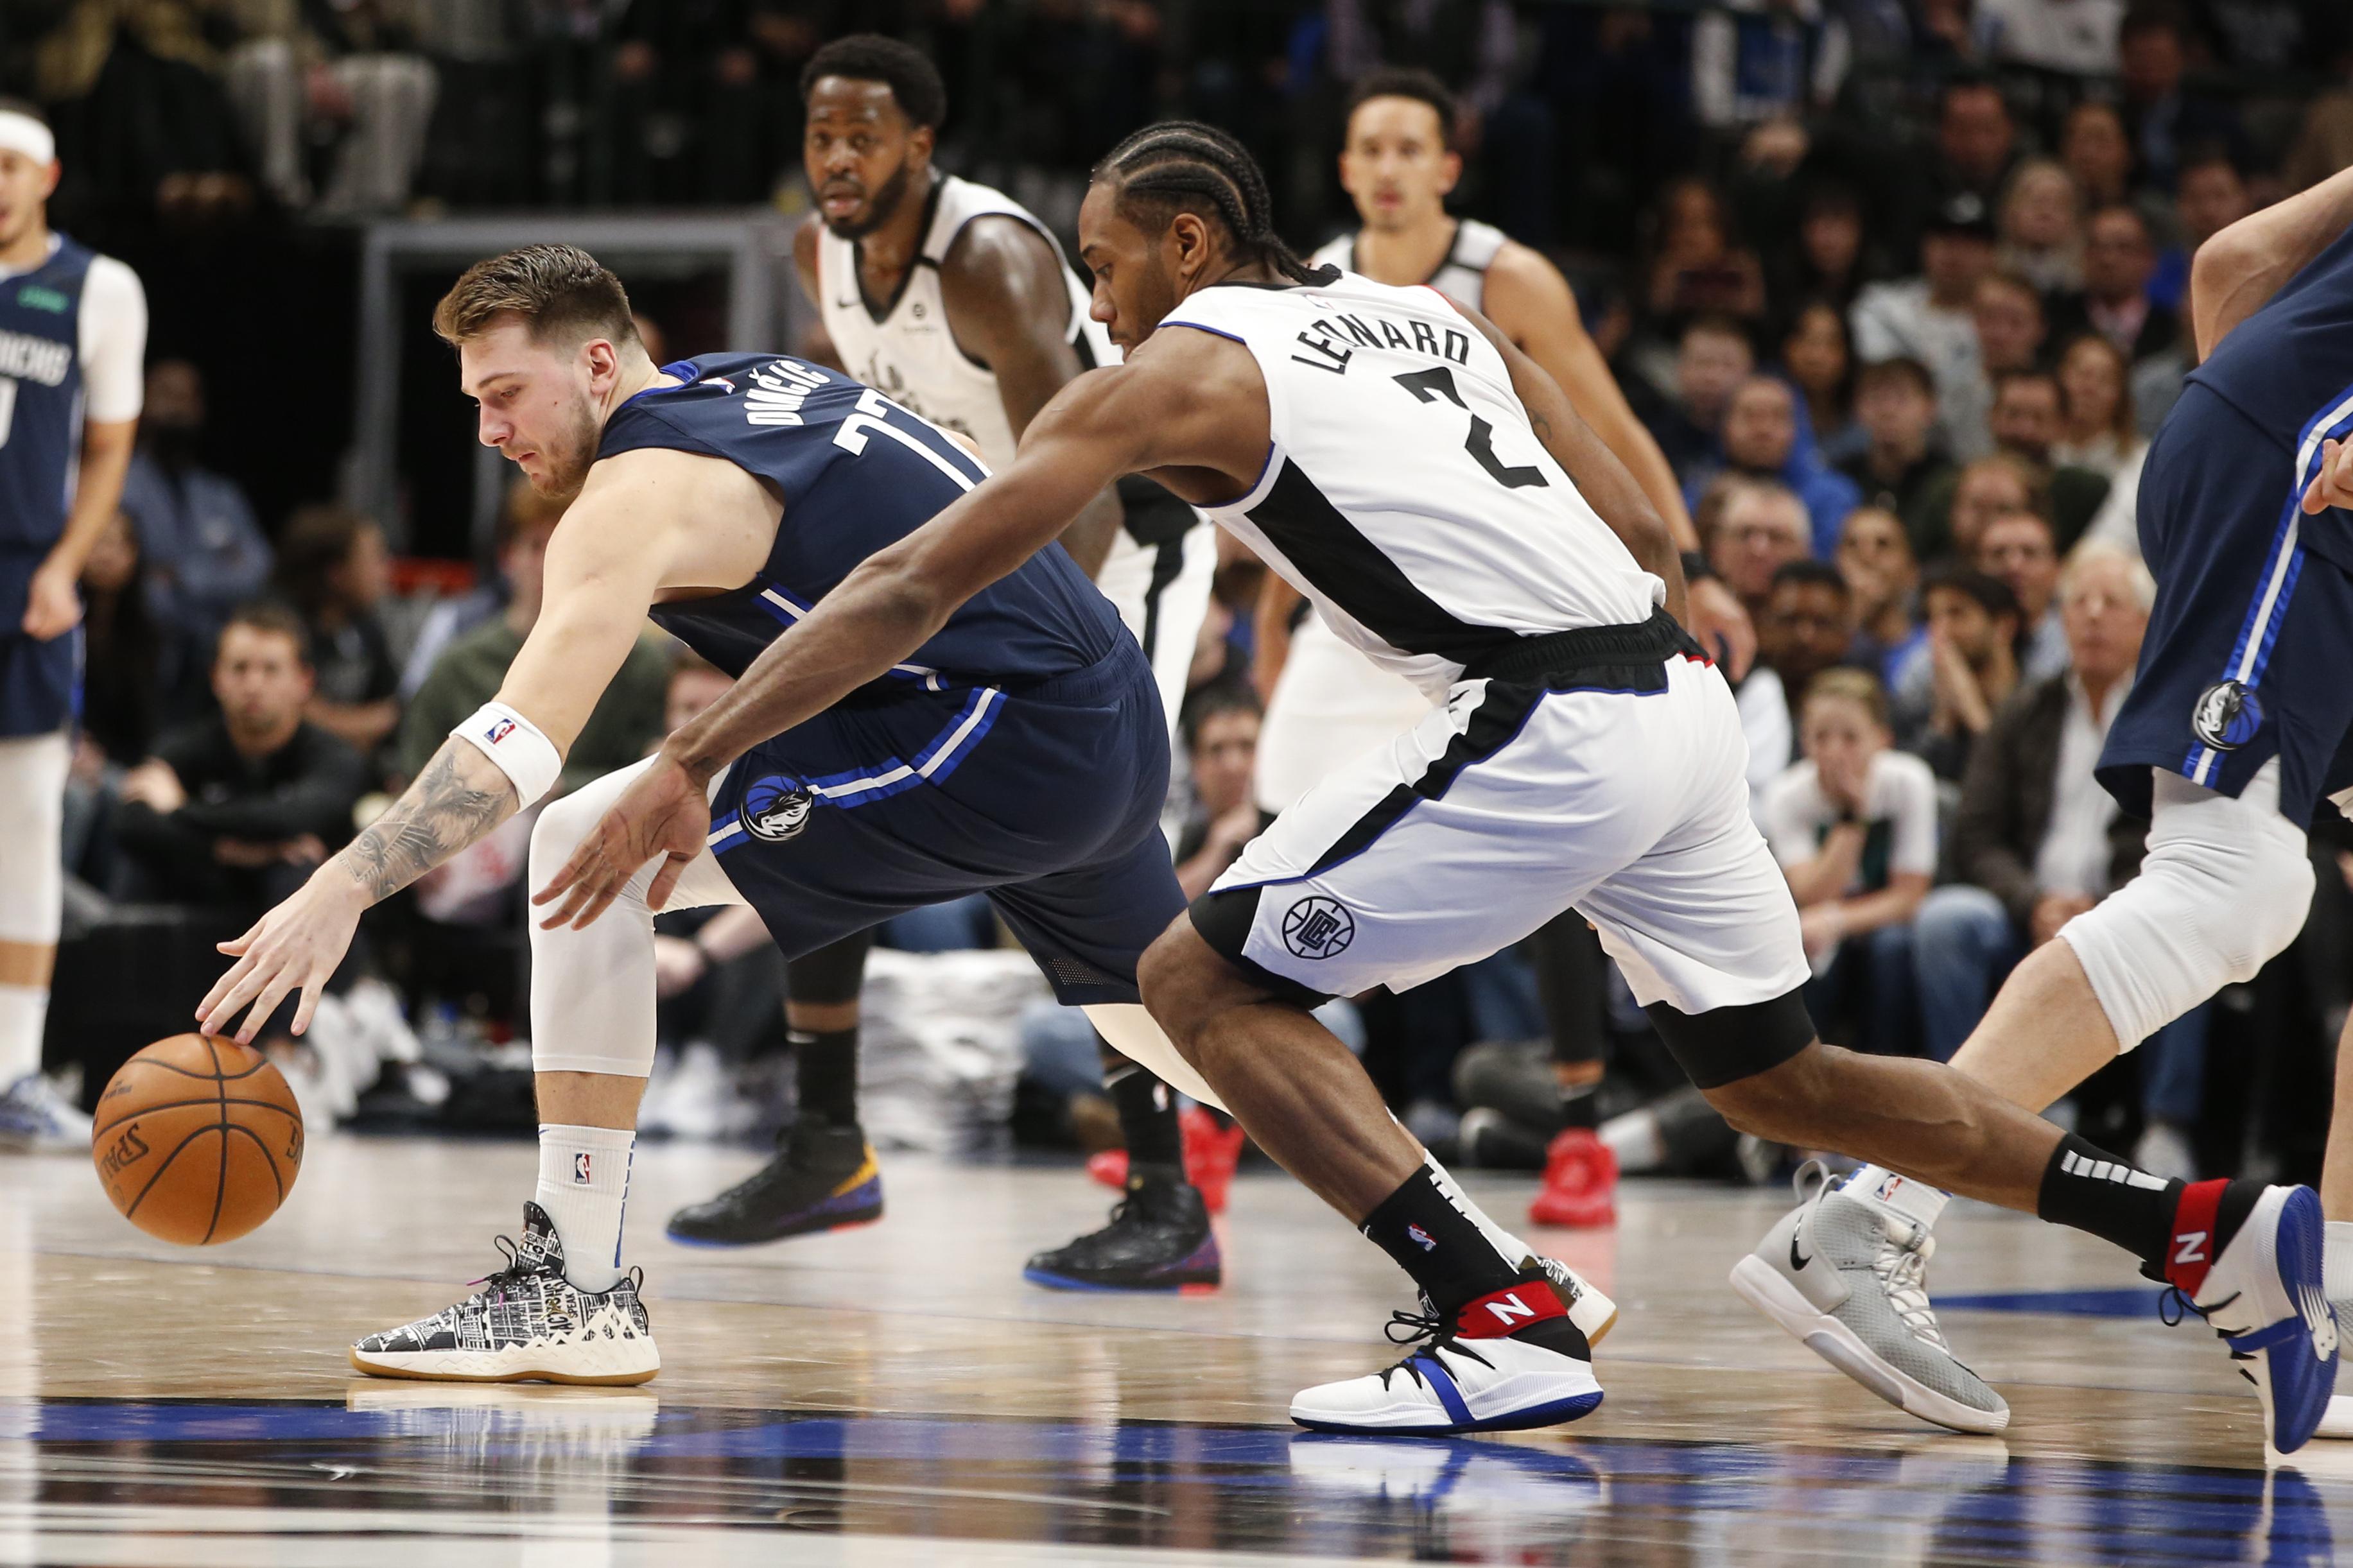 Basket - NBA - Duel de costauds entre Doncic et Leonard, les Clippers s'imposent sur le fil